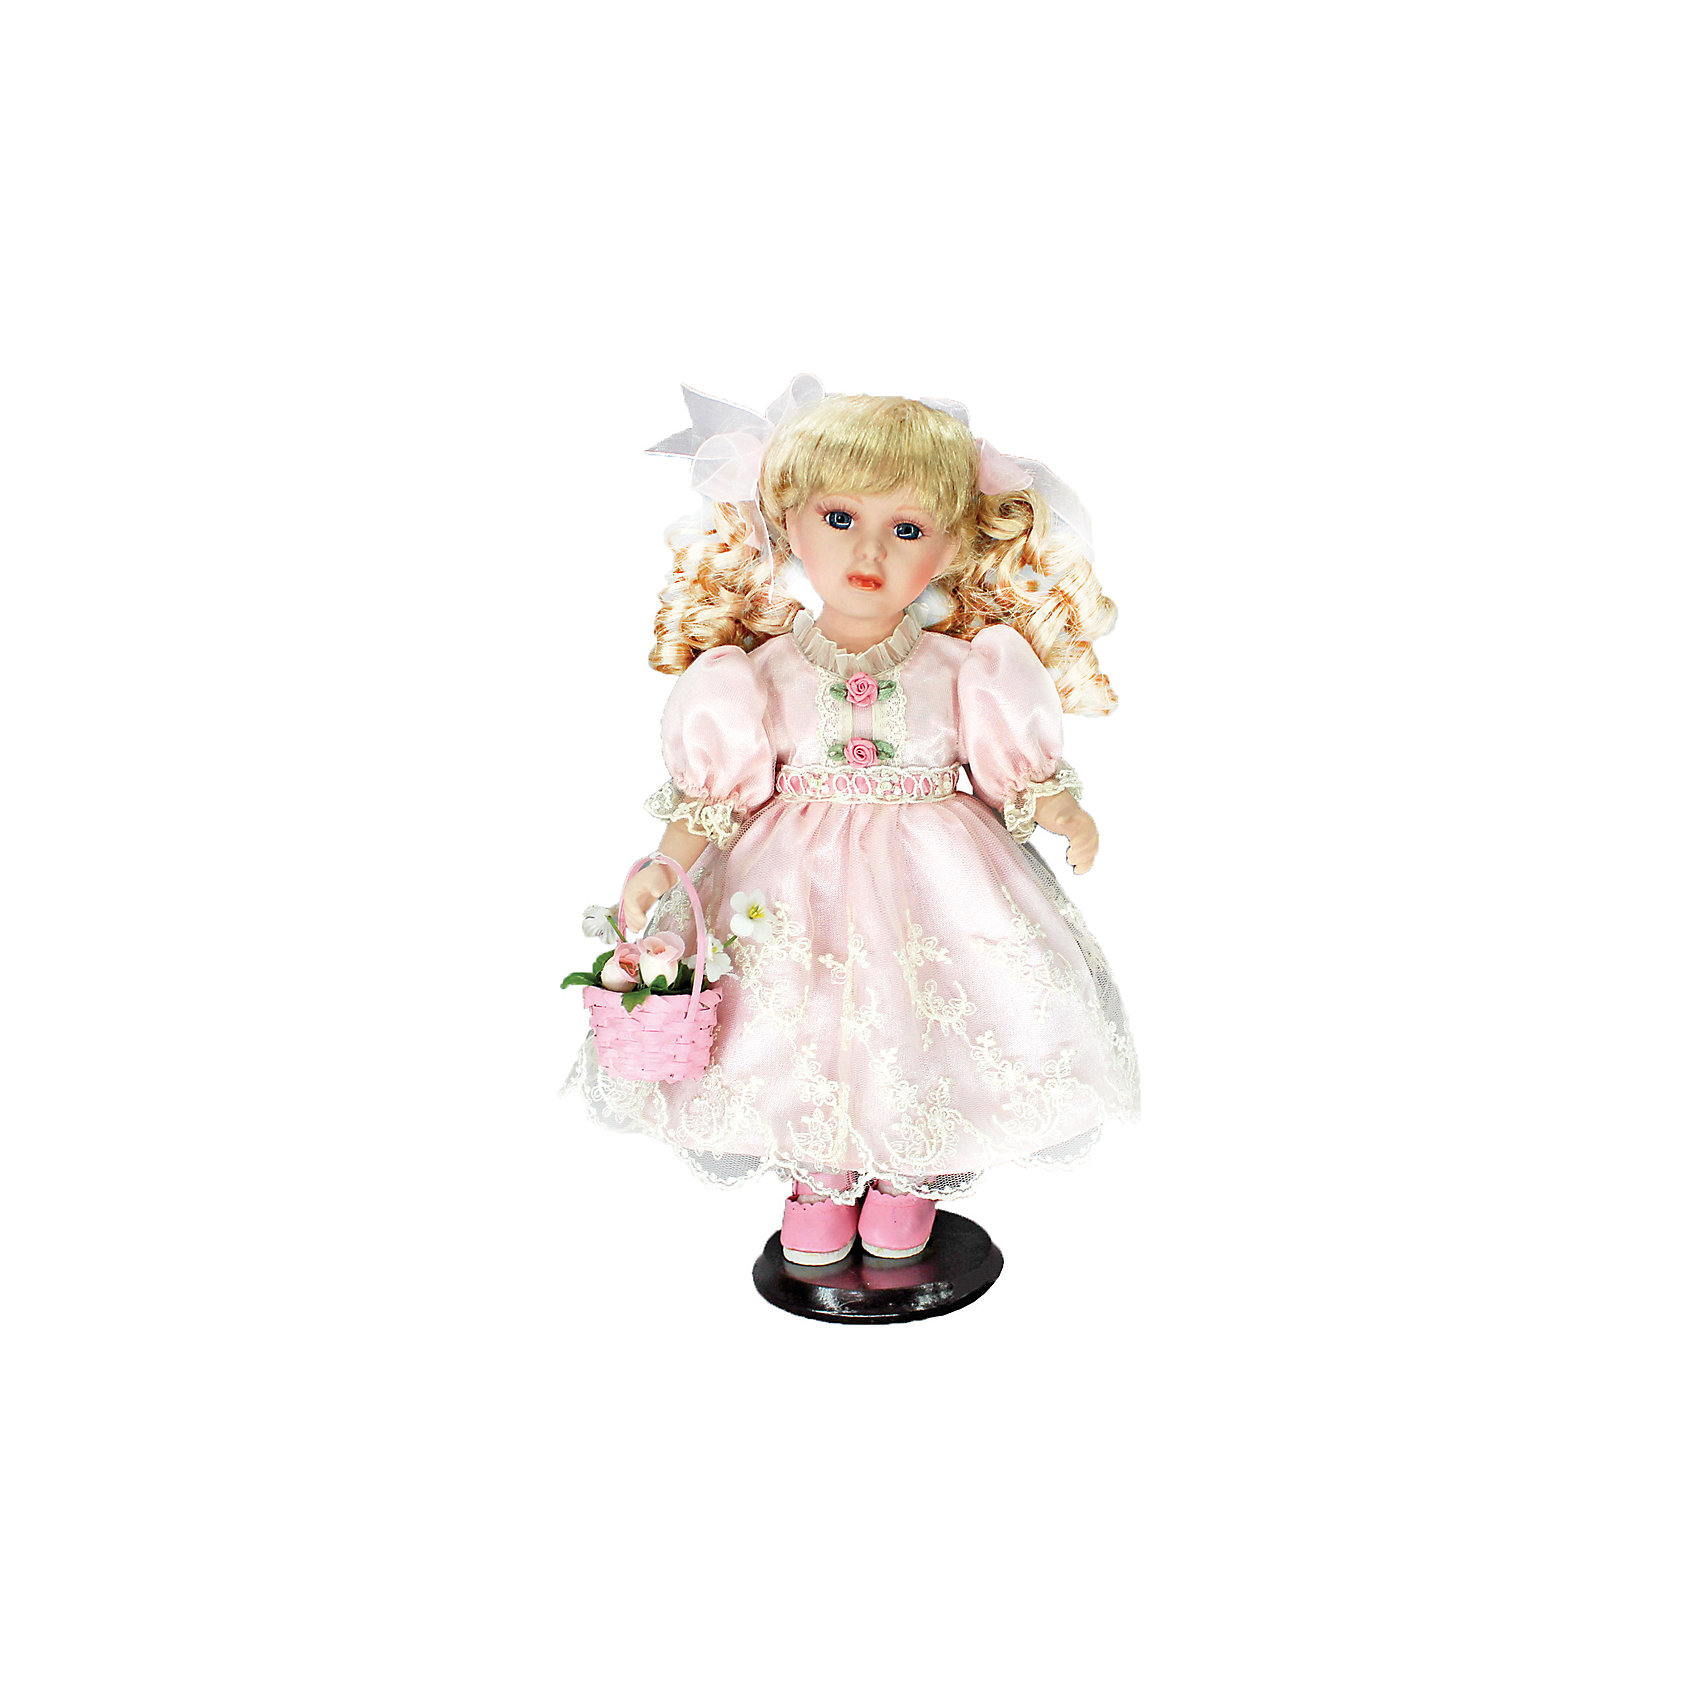 Фарфоровая кукла Келли, Angel CollectionБренды кукол<br>Фарфоровая кукла Келли, Angel Collection.<br><br>Характеристики:<br><br>• Высота куклы: 30,5 см.<br>• Материал: фарфор, текстиль.<br>• Упаковка: картонная коробка блистерного типа<br><br>Фарфоровая кукла Келли, Angel Collection представляет собой изящно выполненную куклу на подставке, выглядящую невероятно реалистично. Весь образ куклы тщательно продуман и детализирован. Кукла очаровывает с первого взгляда. У Келли золотистые кудри, которые переливаются на свету, большие глаза в обрамлении длинных густых ресничек и ангельское кукольное личико. Одета кукла в нежное однотонное платьице из атласа, на ногах туфельки, а в руках она держит корзинку с розами. <br><br>Фарфоровая красавица Келли - это не просто игрушка, а также украшение для интерьера или ценный экспонат коллекции. Каждая кукла в серии Angel Collection, обладает неповторимым образом - принцессы, феи, маленькие девочки, роскошные невесты и т.д. Изысканные наряды и очаровательная матовость фарфора превращают этих кукол в настоящее произведение искусства. Куклы Angel Collection сделаны из уникальной голубой глины, добываемой только в провинции Tai-Nan Shin, Тайвань.<br><br>Фарфоровую куклу Келли, Angel Collection можно купить в нашем интернет-магазине.<br><br>Ширина мм: 145<br>Глубина мм: 320<br>Высота мм: 95<br>Вес г: 667<br>Возраст от месяцев: 36<br>Возраст до месяцев: 2147483647<br>Пол: Женский<br>Возраст: Детский<br>SKU: 5400273